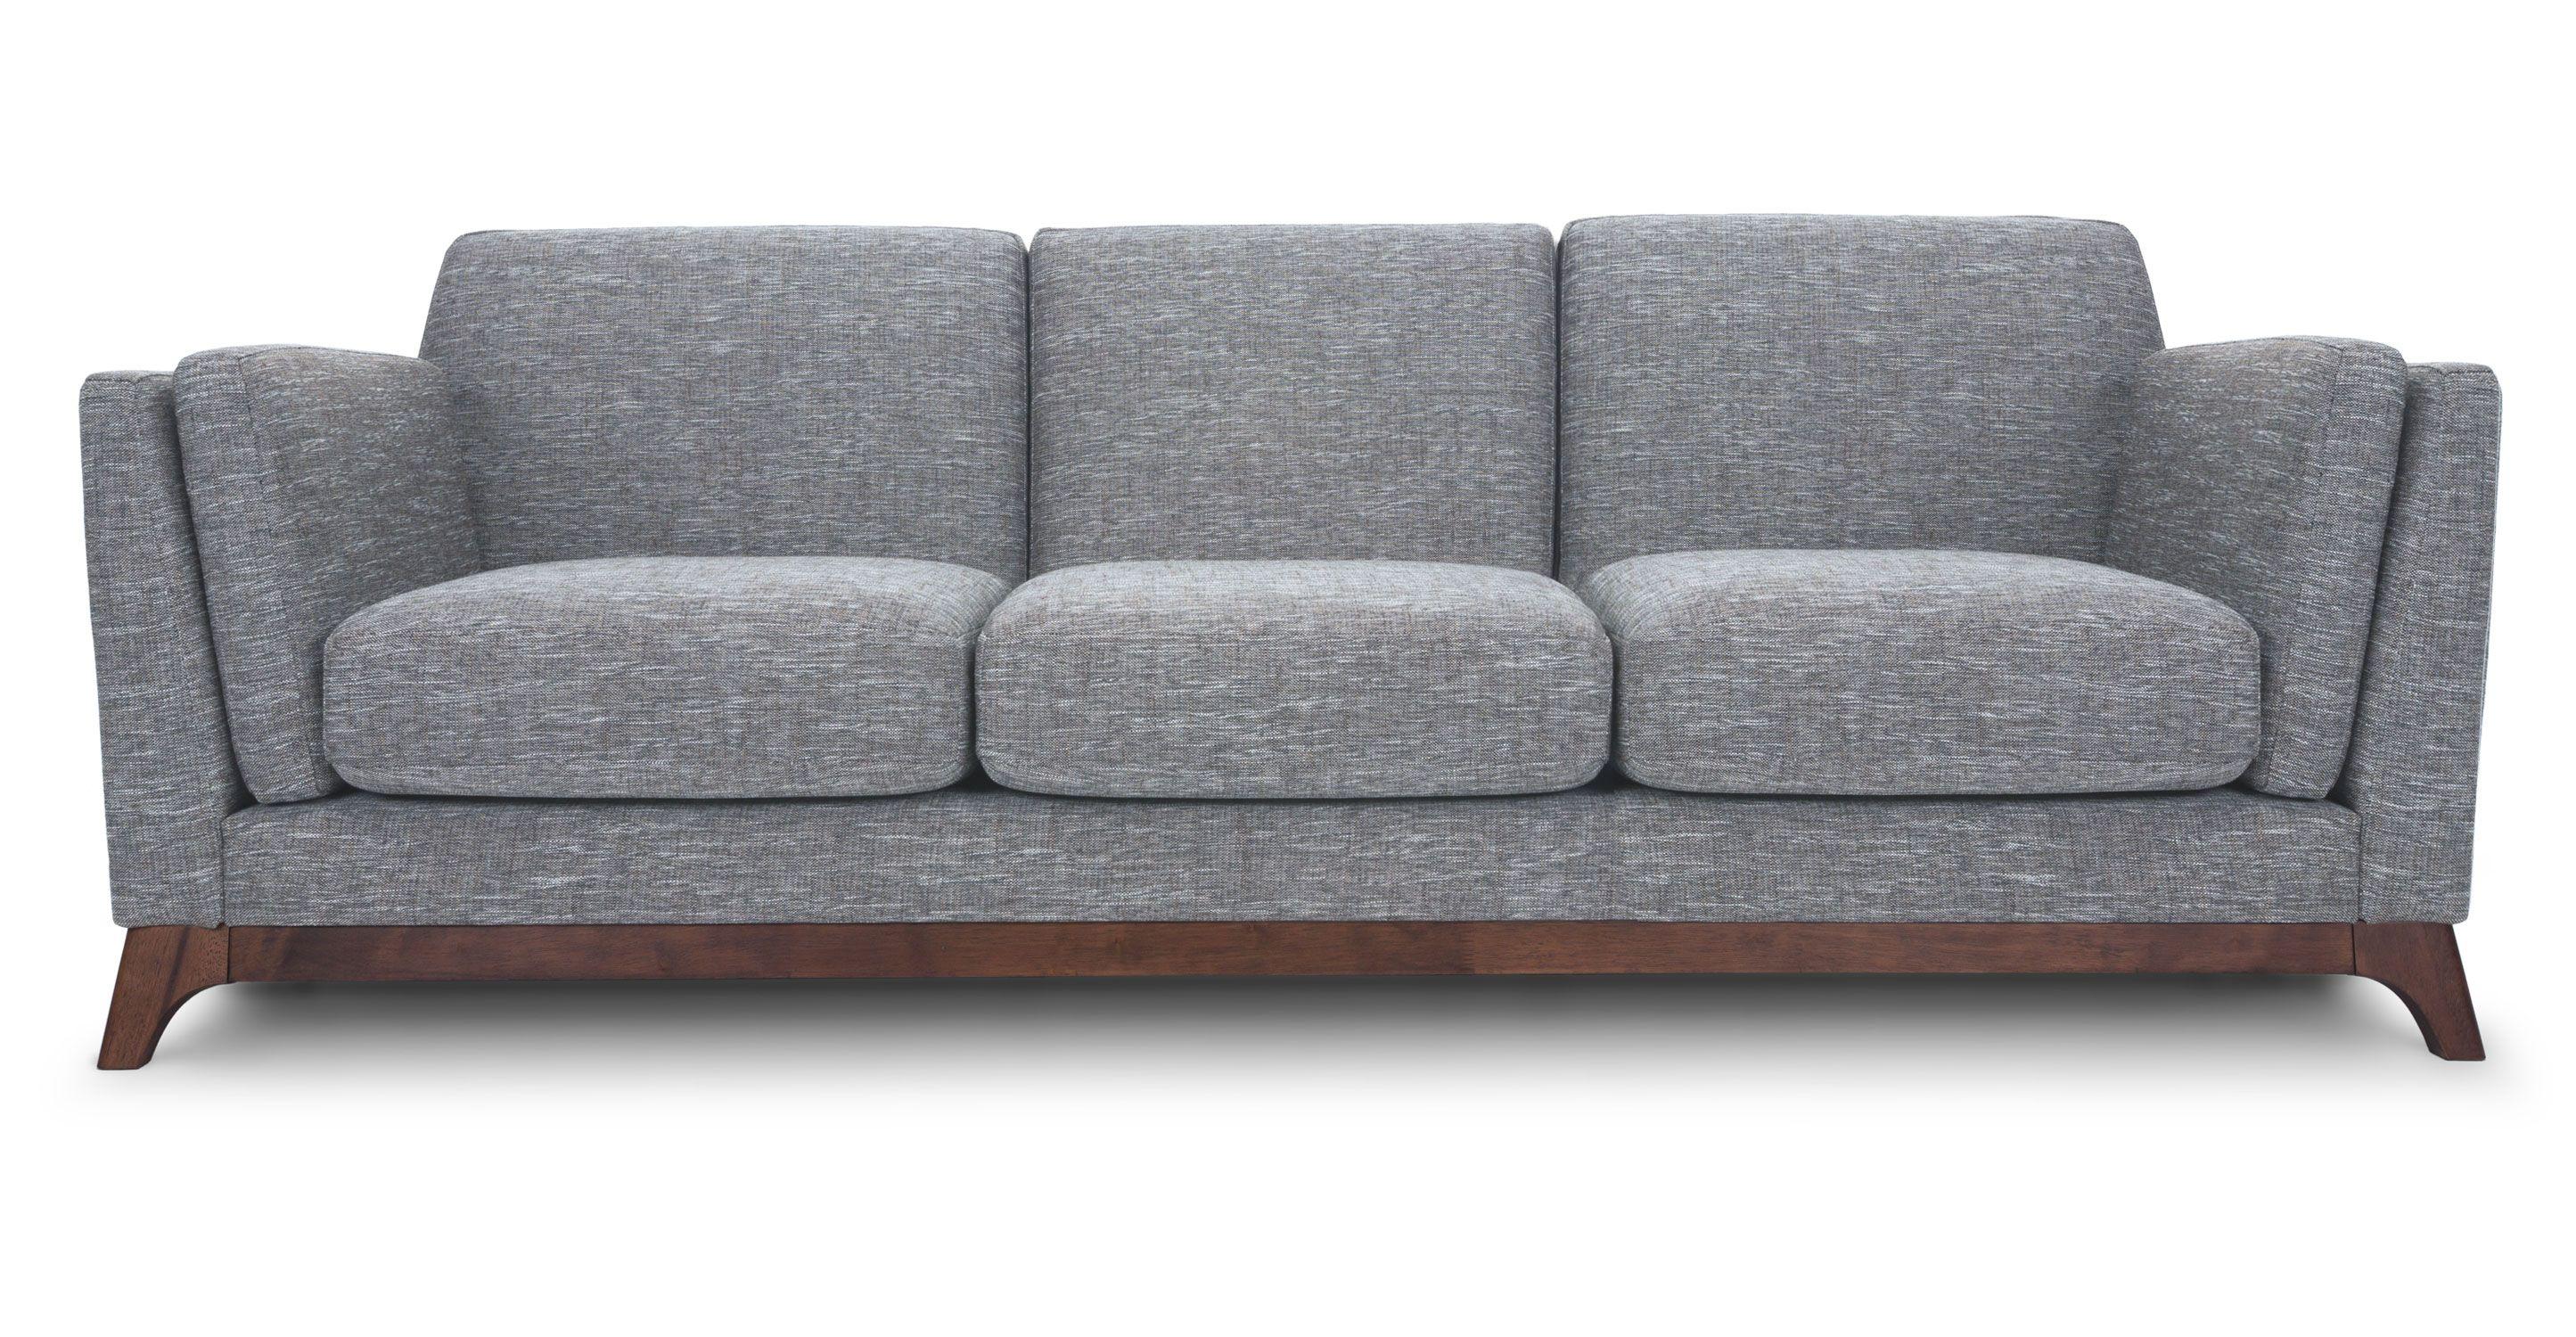 Sofa Article Xv Deep Comfy Sectional Ceni Volcanic Grey Baci Living Room